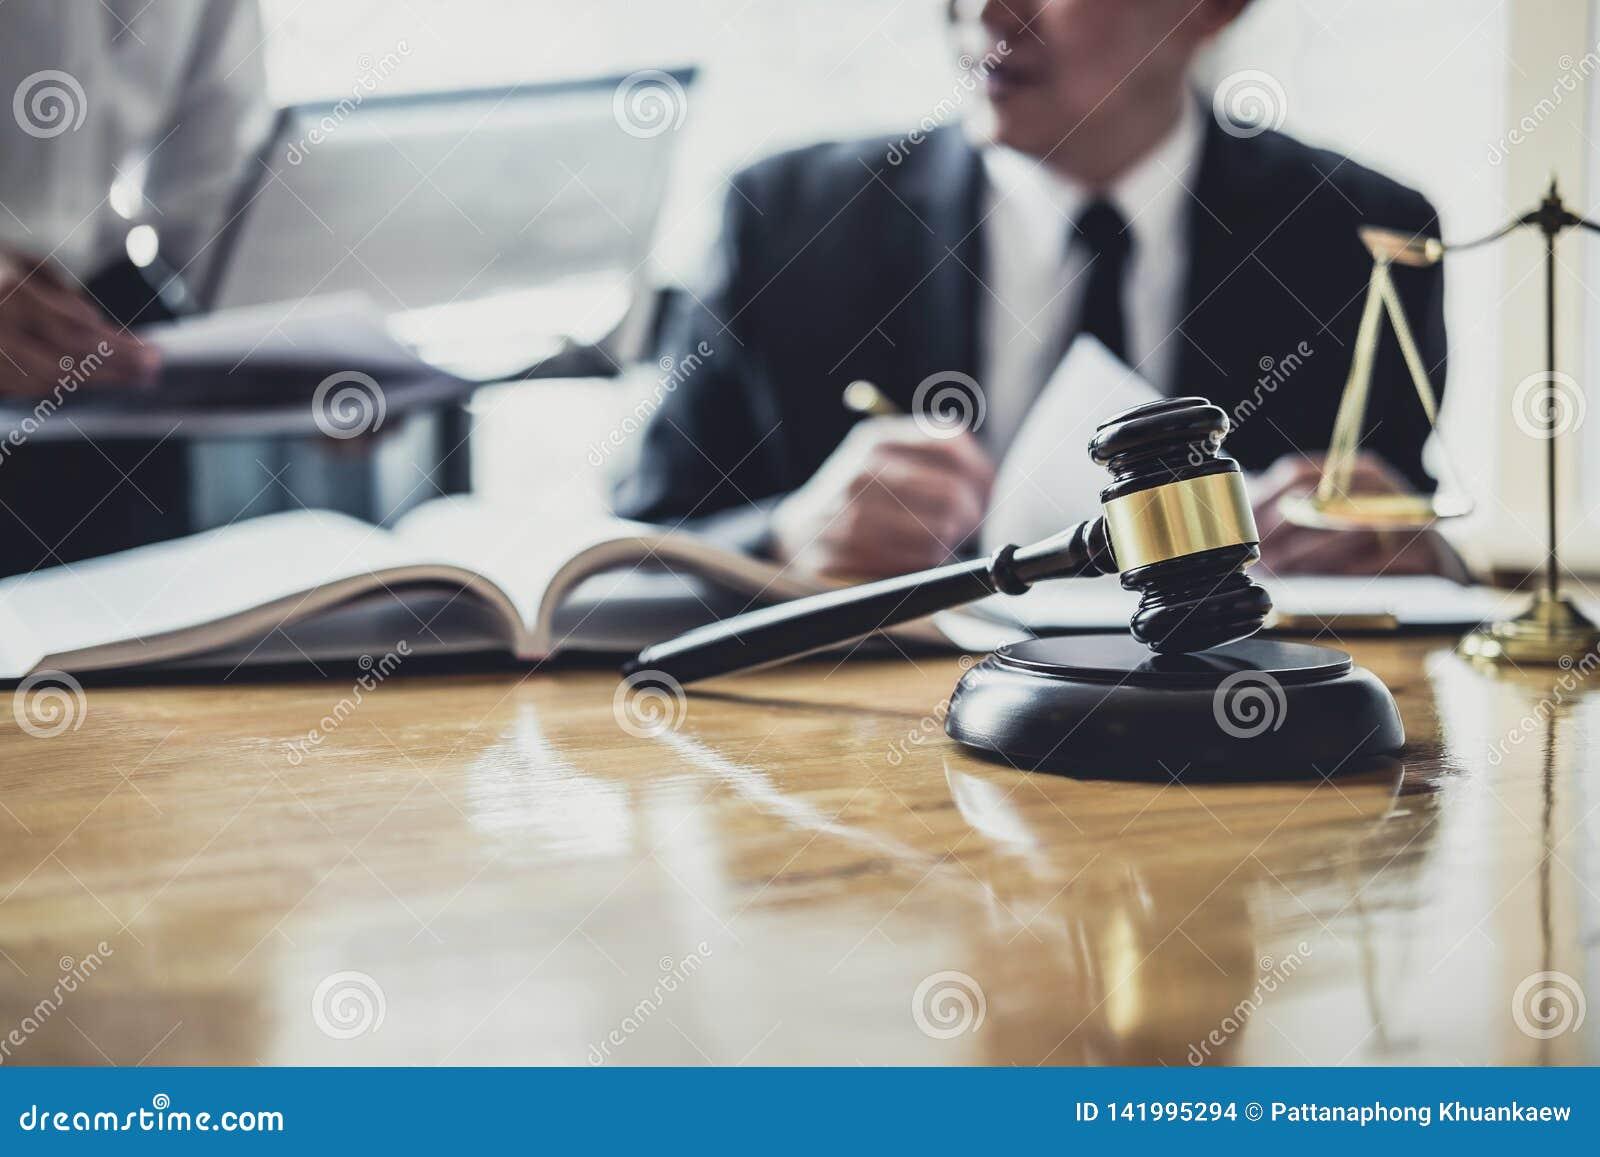 工作在法庭的男性律师或顾问开与客户的会谈是与不动产,法律合同纸的咨询